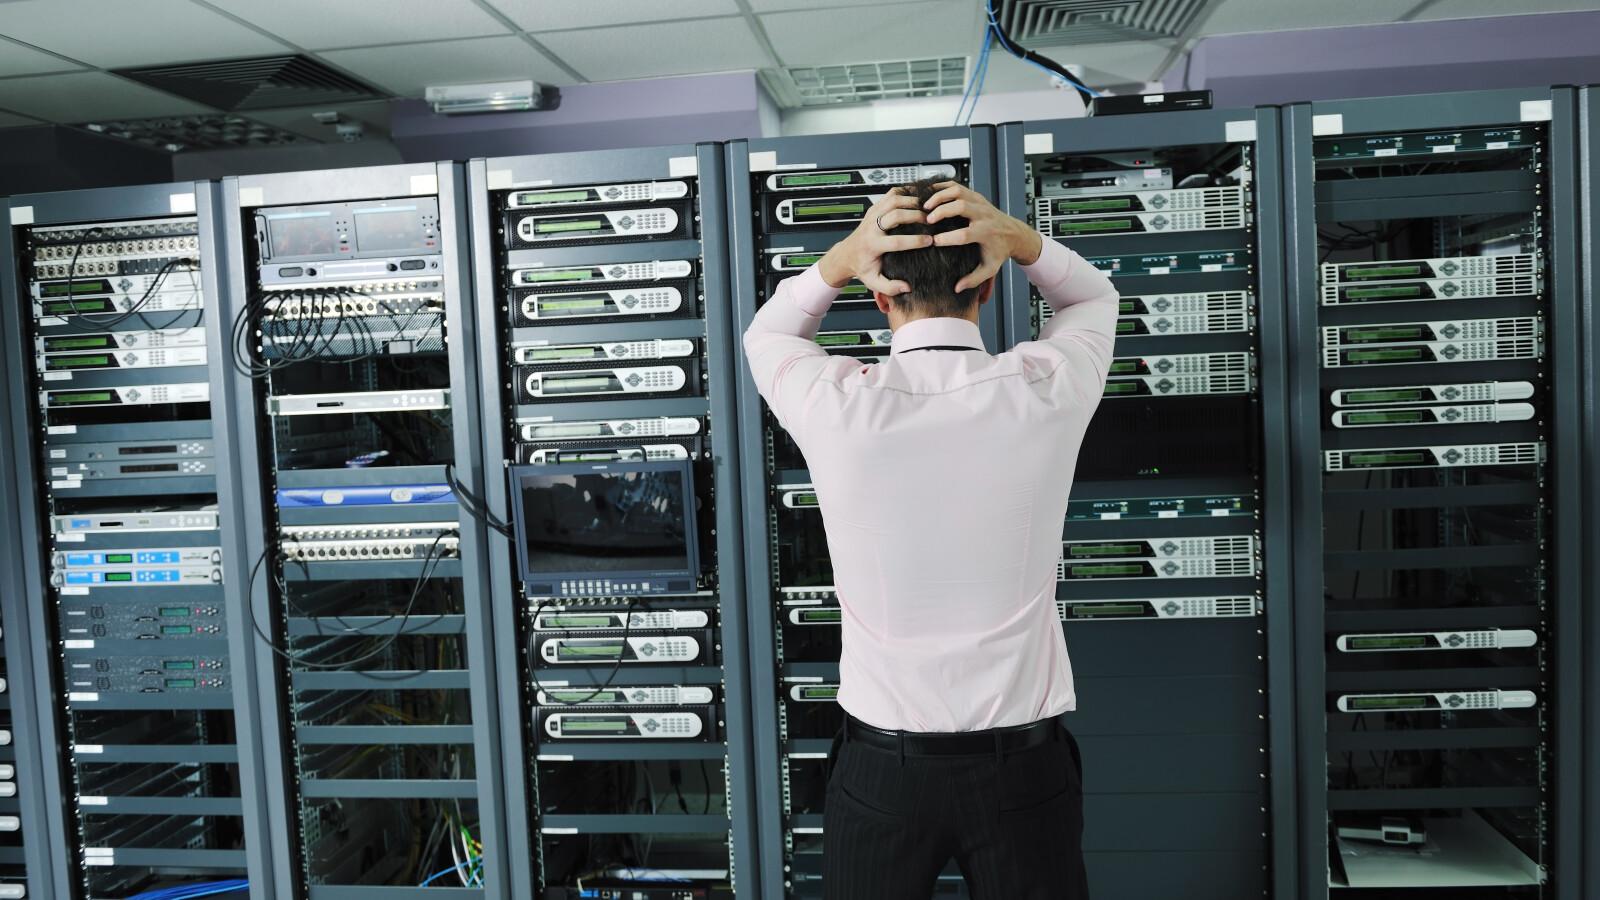 Cyberghost Keine Internetverbindung